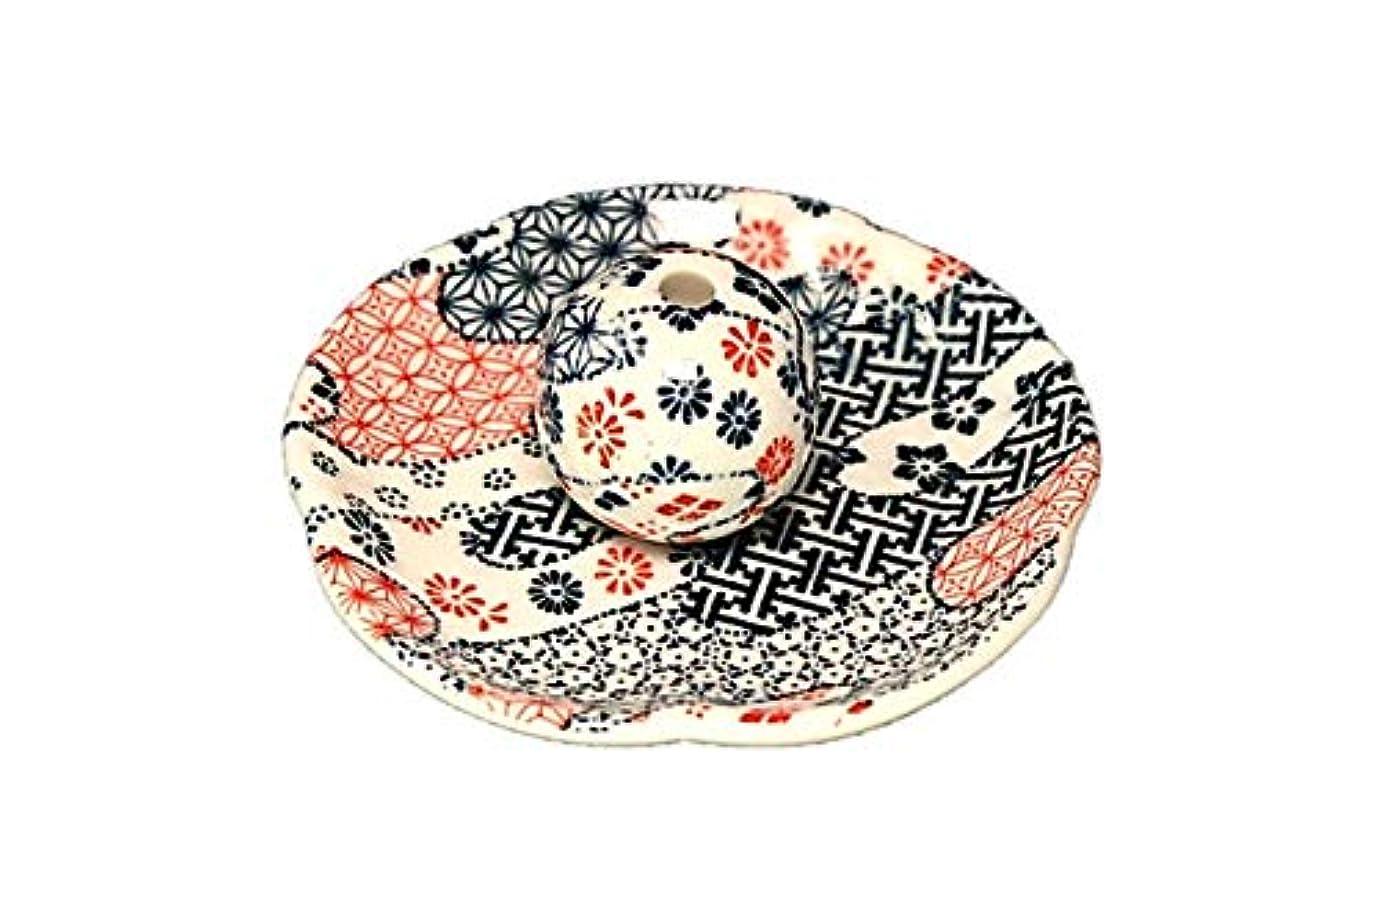 かかわらず鮮やかな権限雲祥端 花形香皿 お香立て お香たて 日本製 ACSWEBSHOPオリジナル